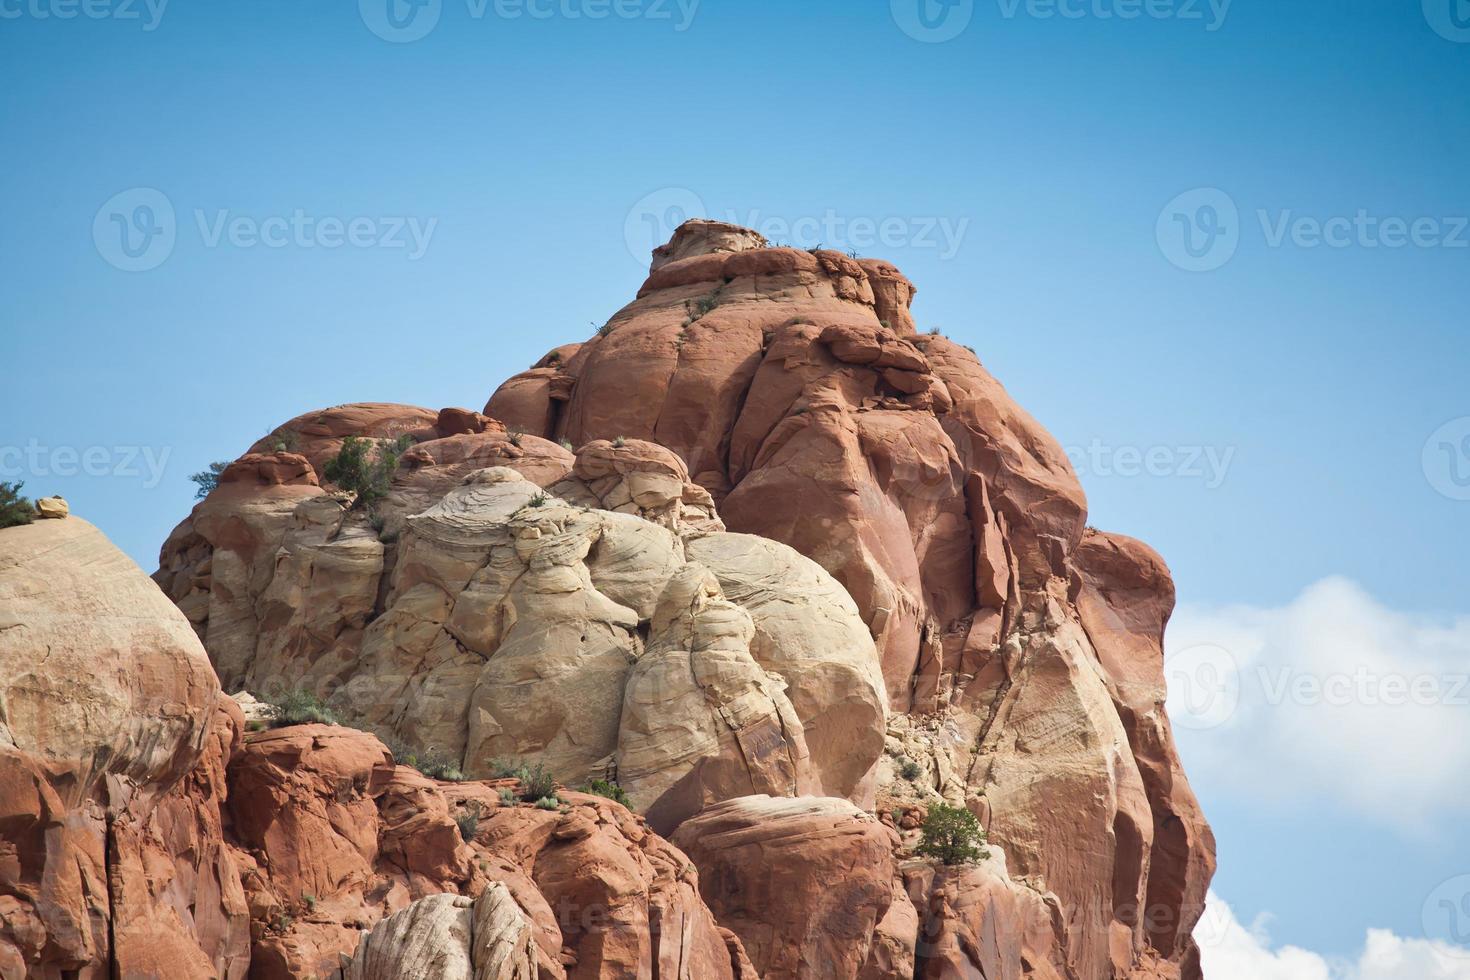 runde Felsen der Feuerbildung in der Nähe von Canyon in New Mexico_.jpg foto